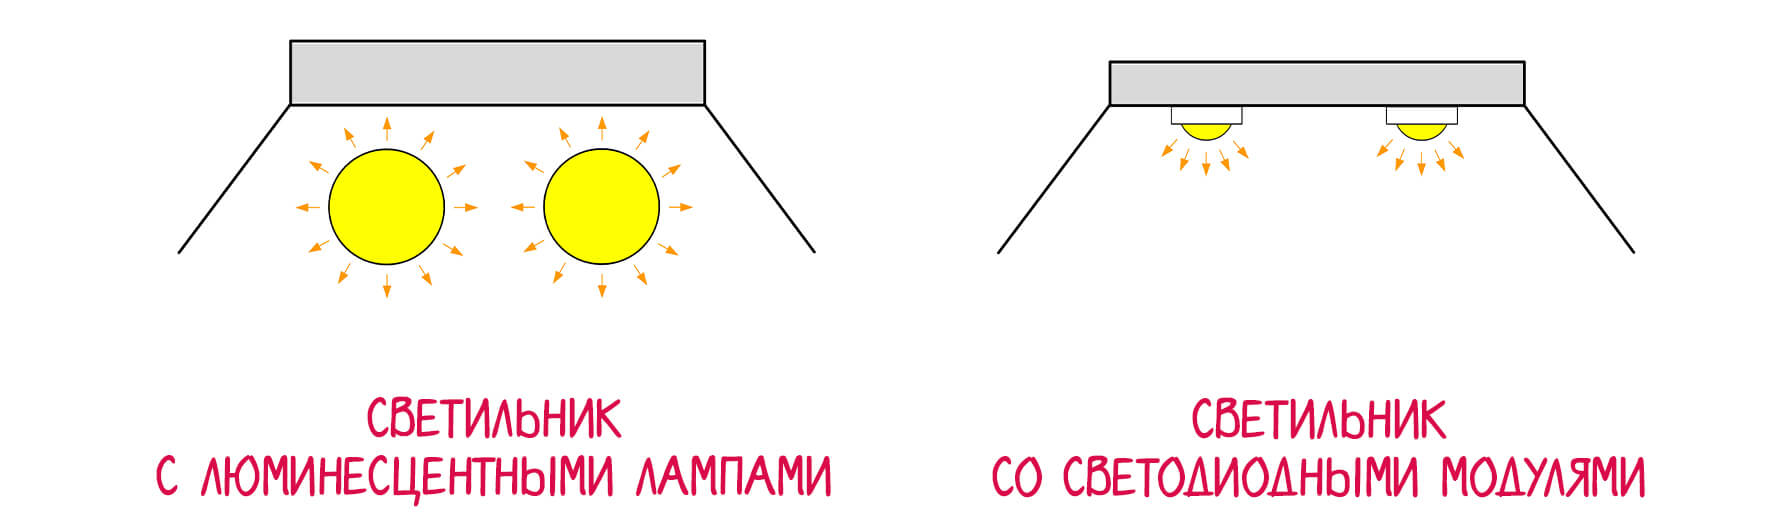 Сравнение светодиодных и люминесцентных аквариумных светильников